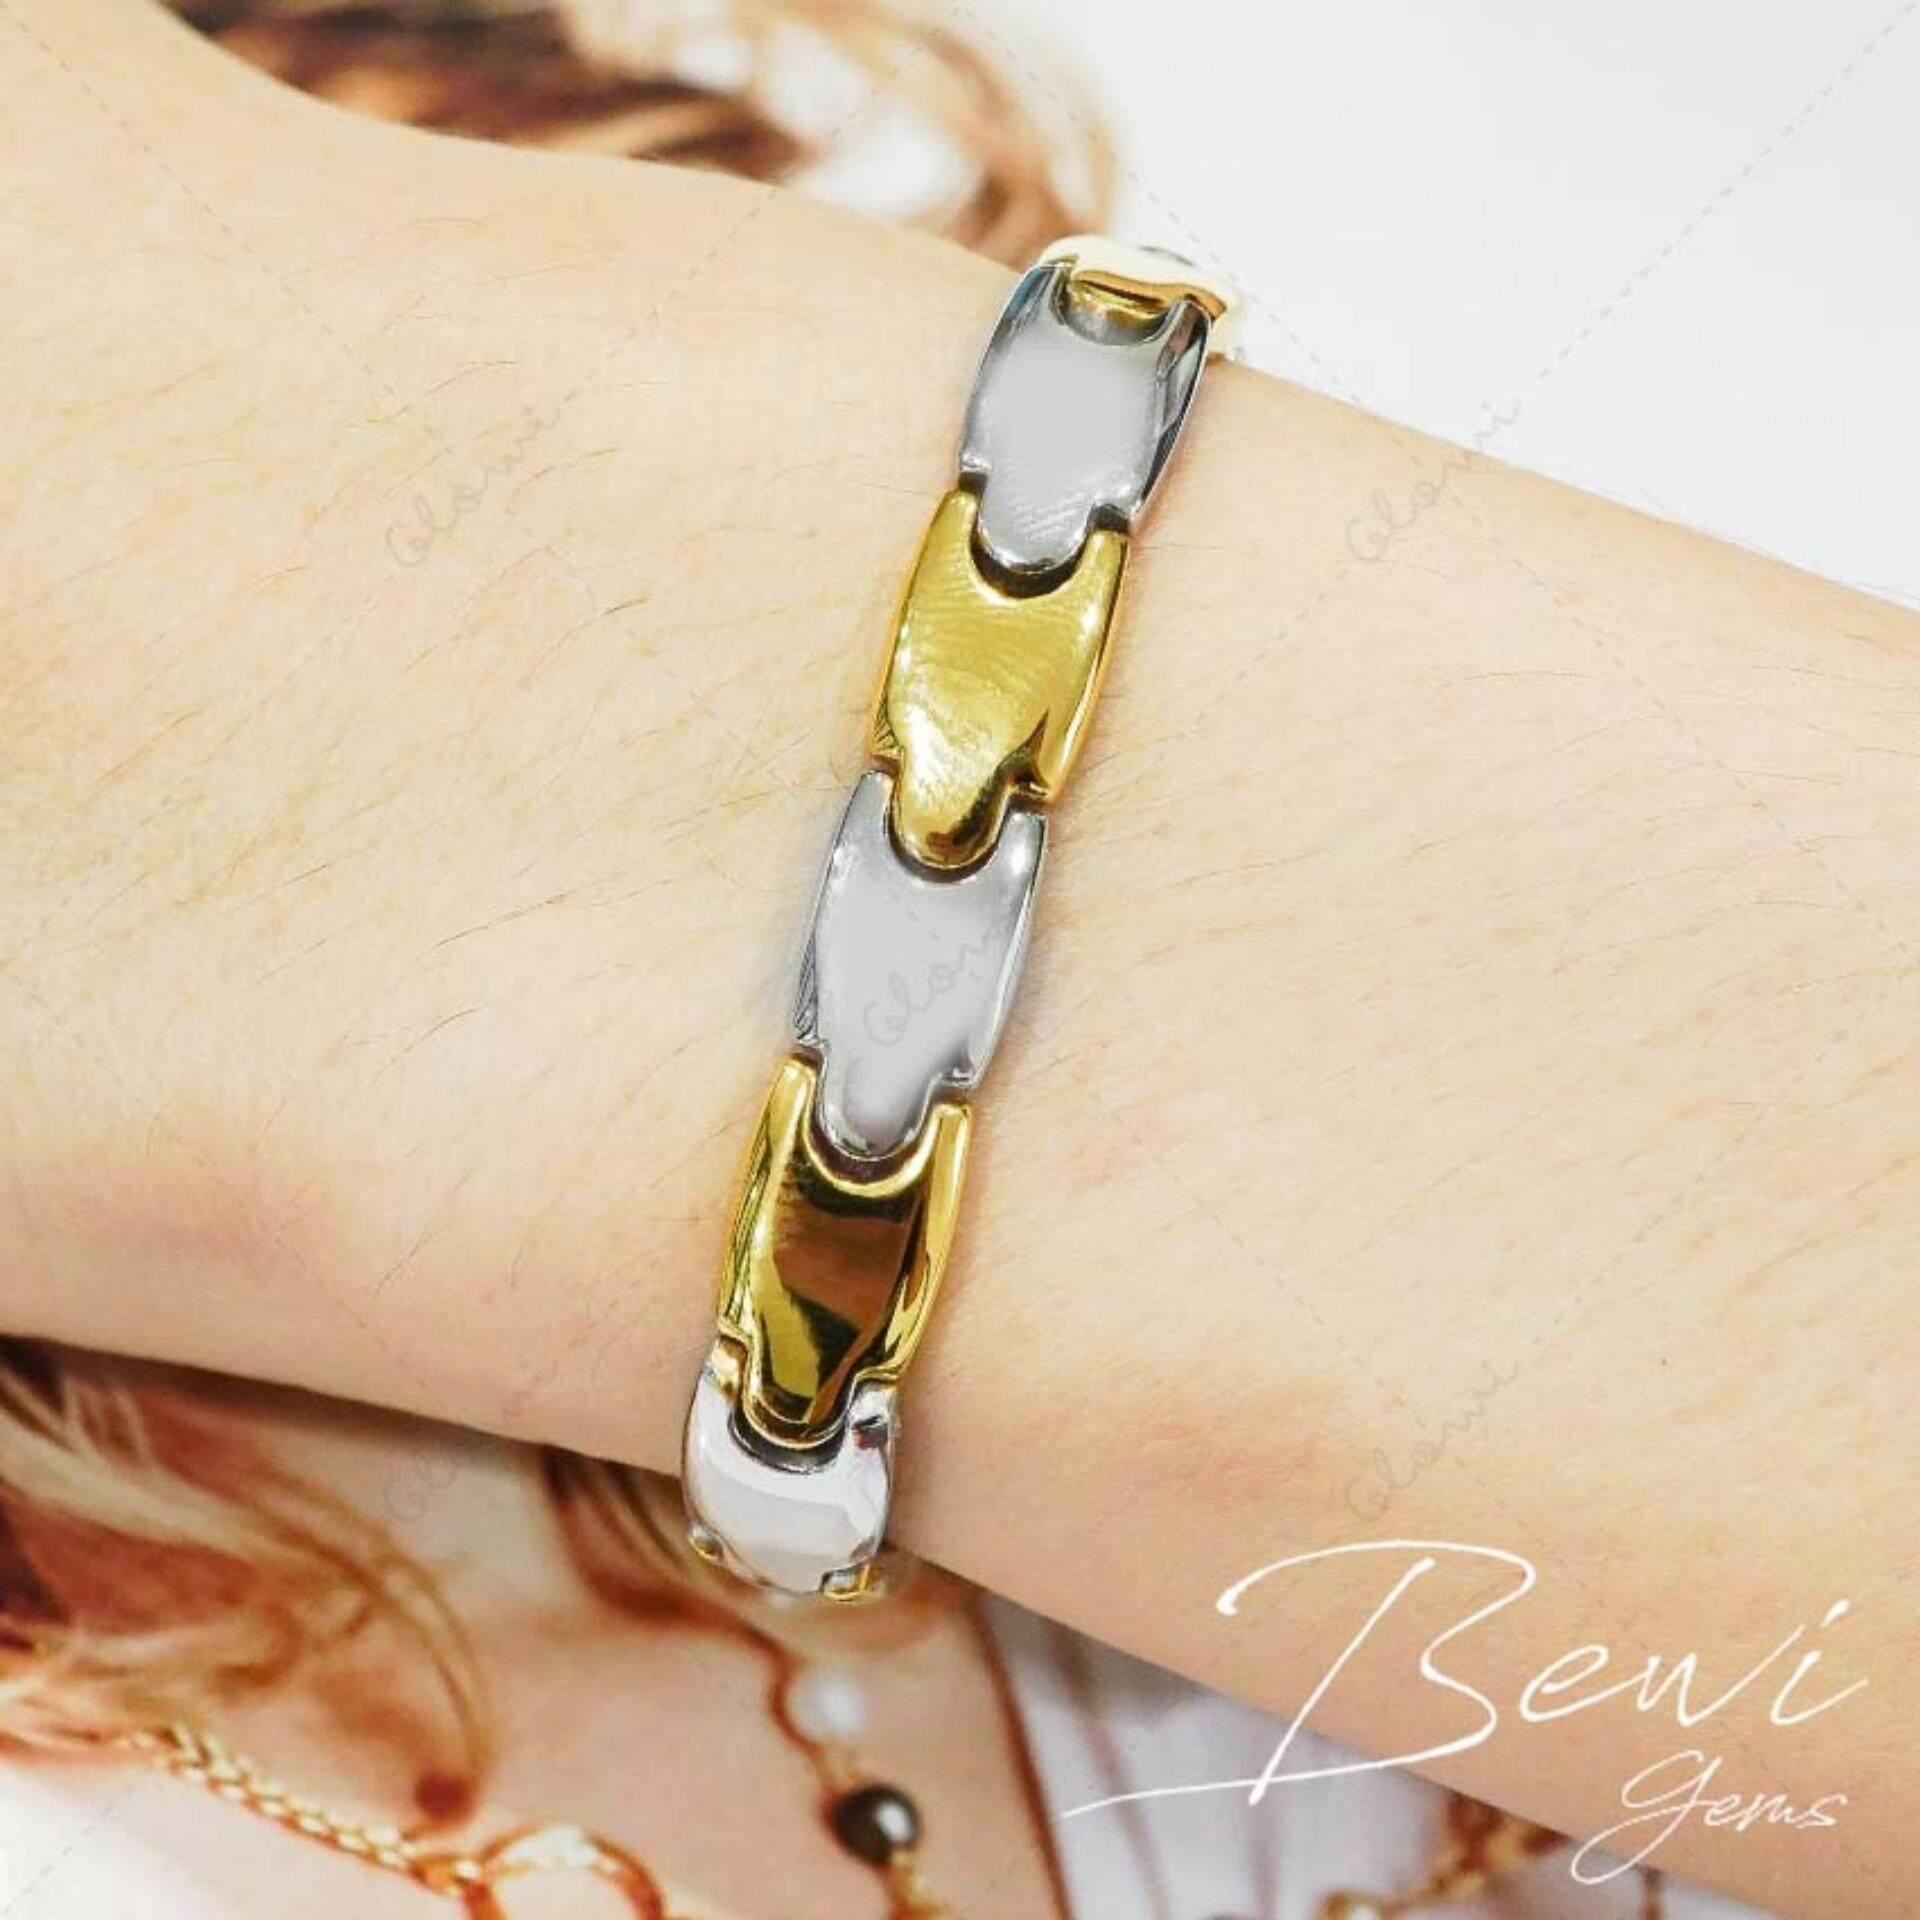 ราคา Bewi G สร้อยข้อมือผู้หญิง สไตล์ สร้อยข้อมือเพื่อสุขภาพ Bracelet แสตนเลสแท้ คุณภาพพรีเมี่ยม ดีไซน์สวย ฝังเม็ด Ge ช่วยปรับสมดุลในร่างกาย กระตุ้นการสร้างคอลลาเจน รุ่น Bg B0007 สีทอง Gold ไทย